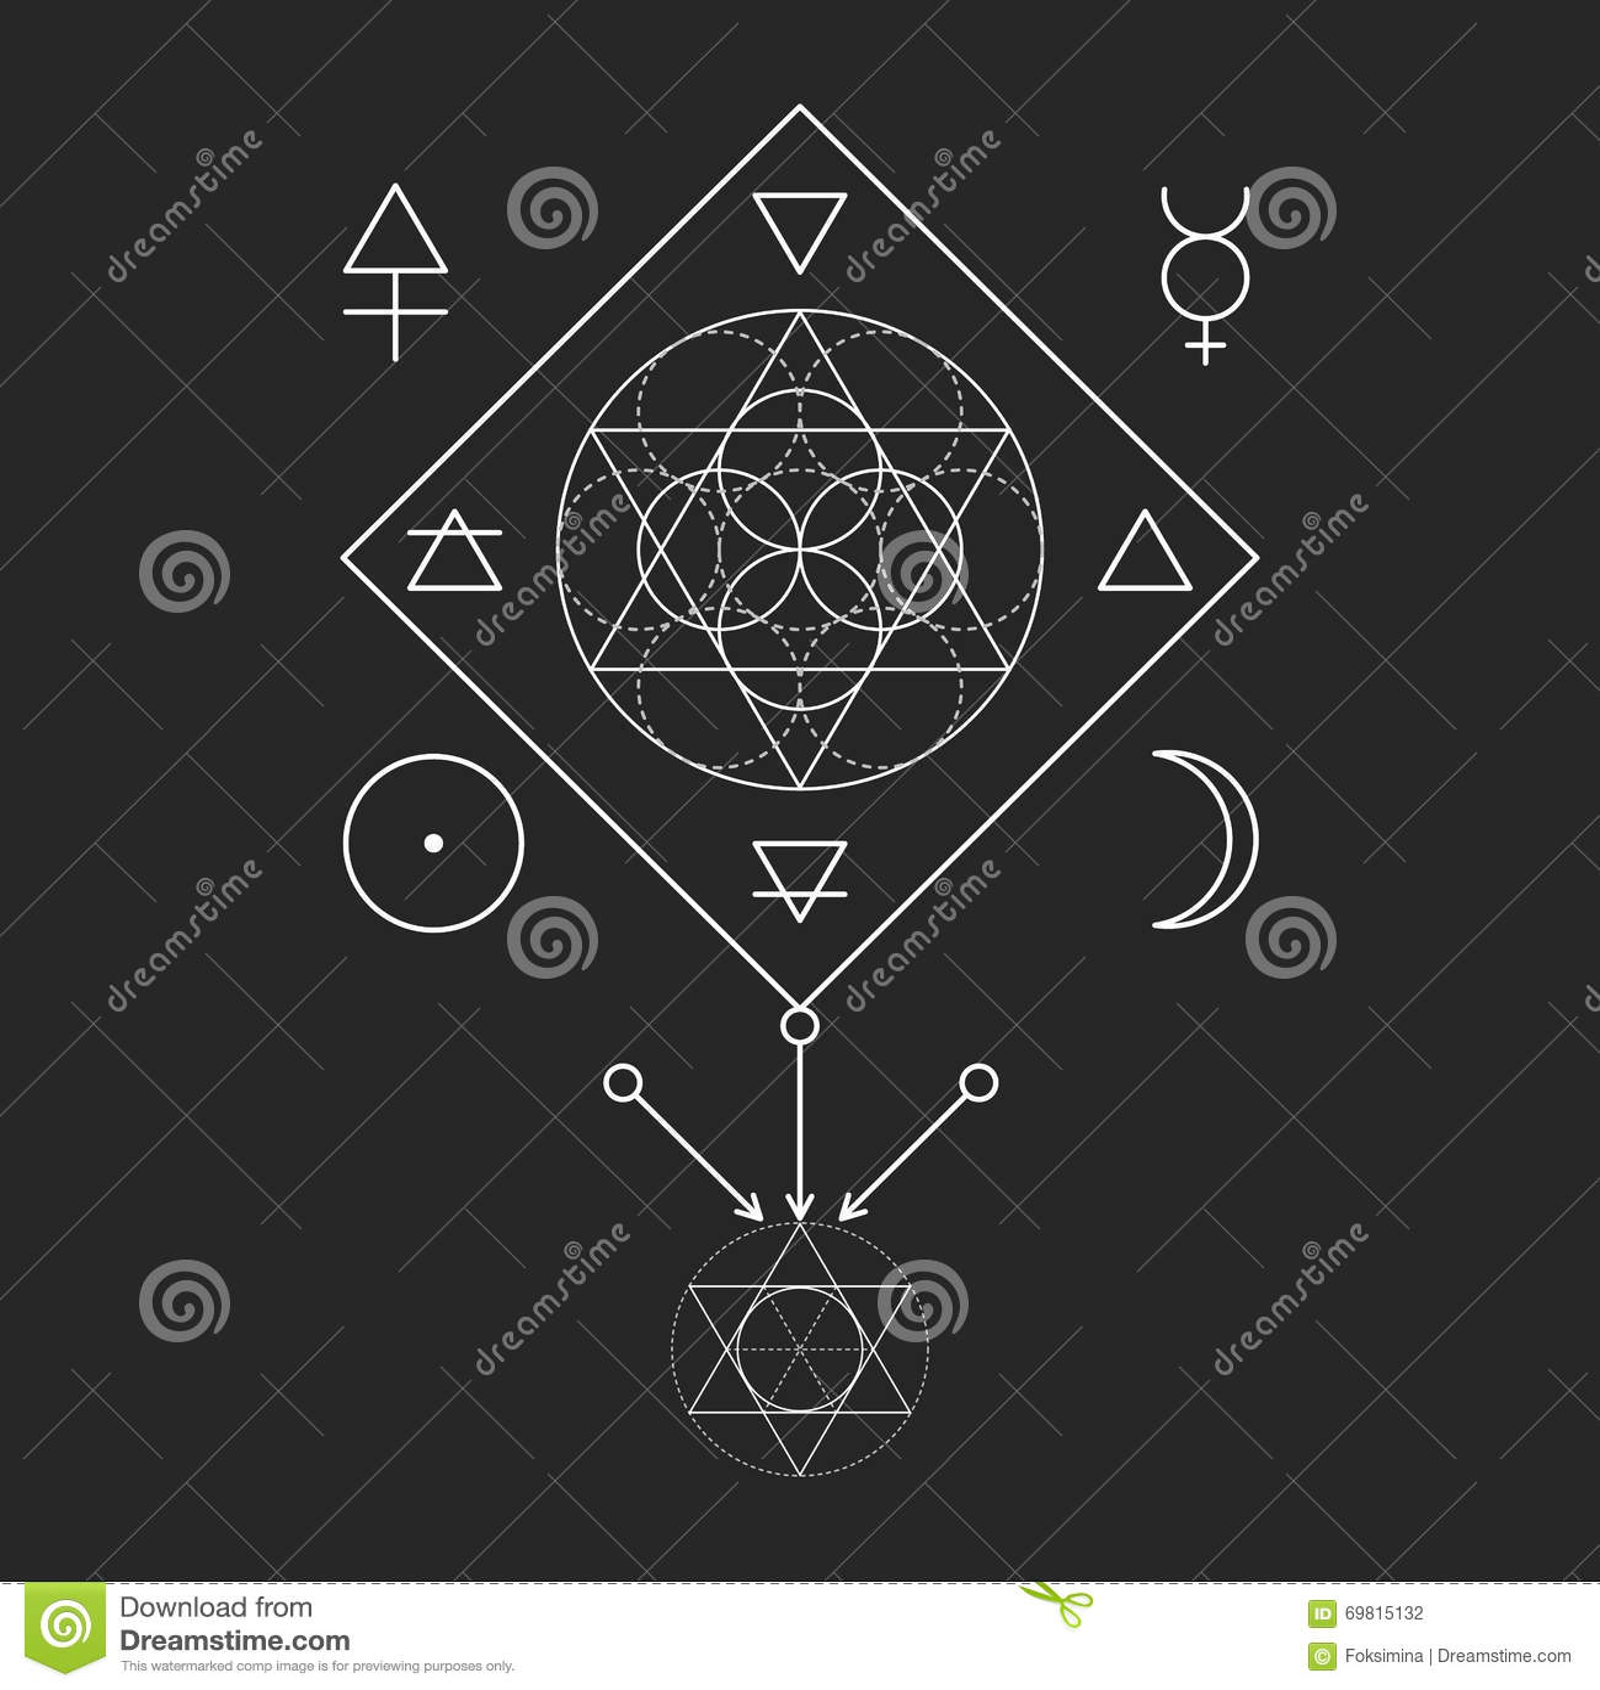 symbole de l 39 alchimie et de la g om trie sacr e trois. Black Bedroom Furniture Sets. Home Design Ideas